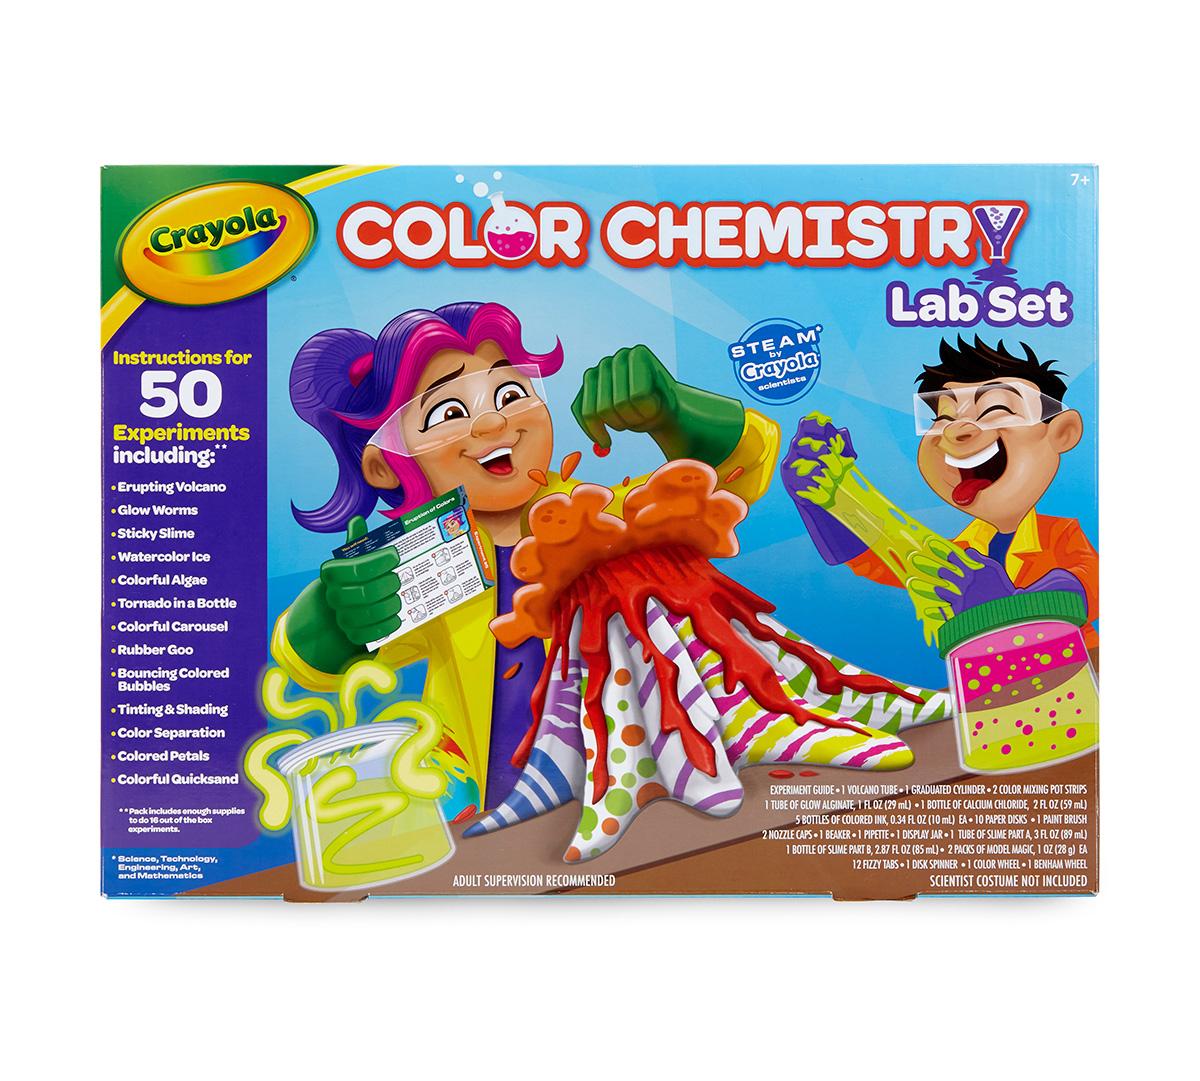 Crayola Color Chemistry Set for Kids, Over 50 STEAM/STEM